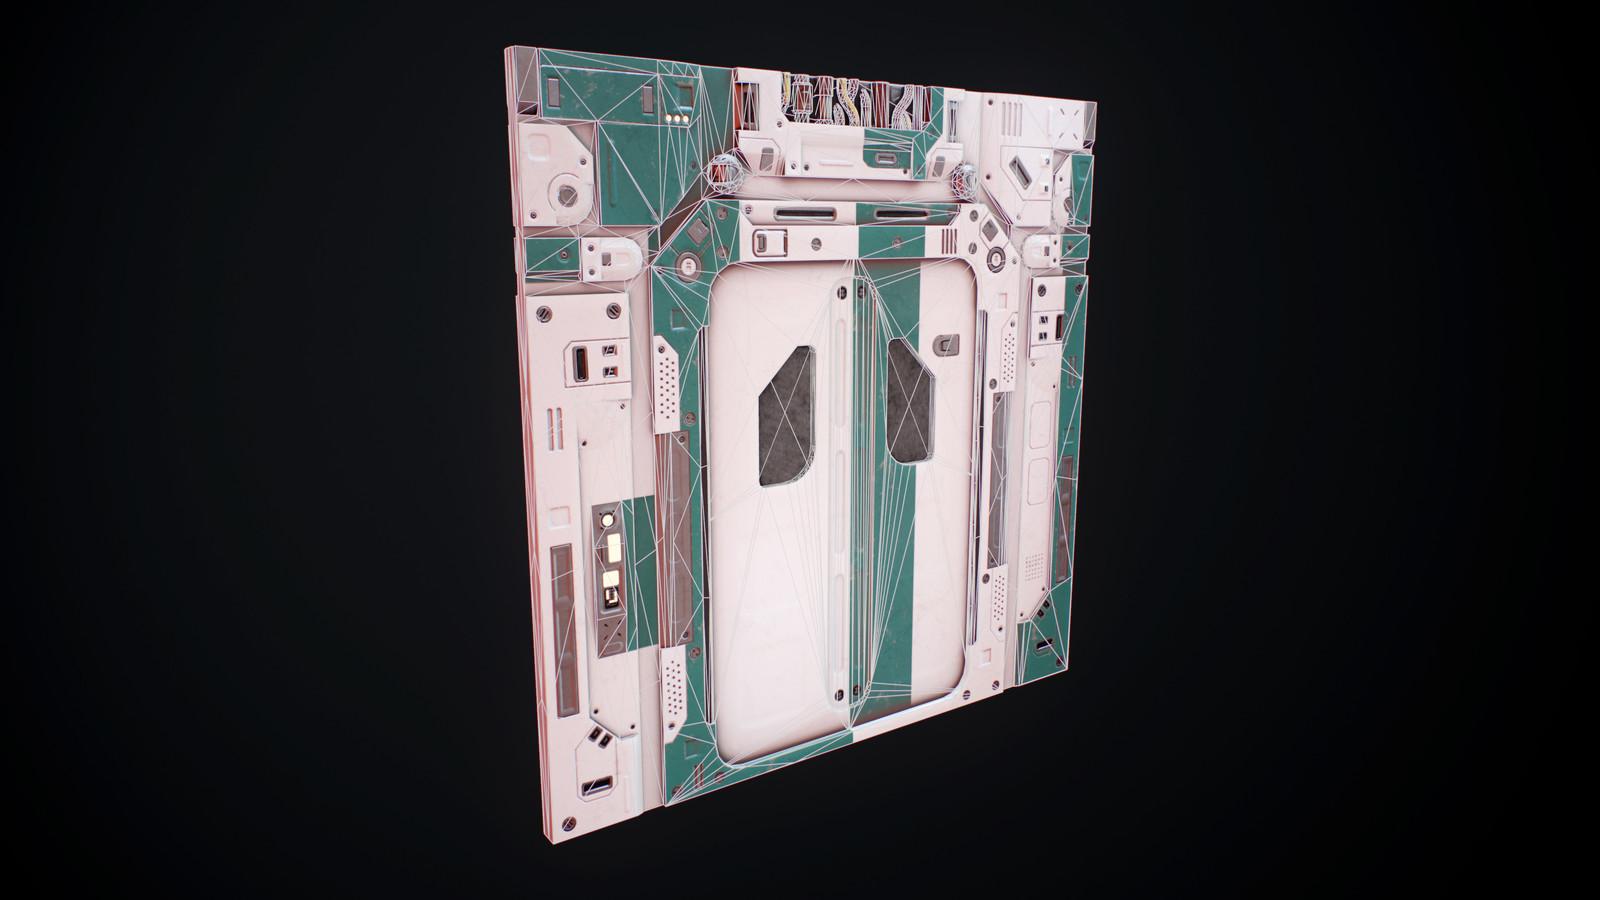 Door wireframe